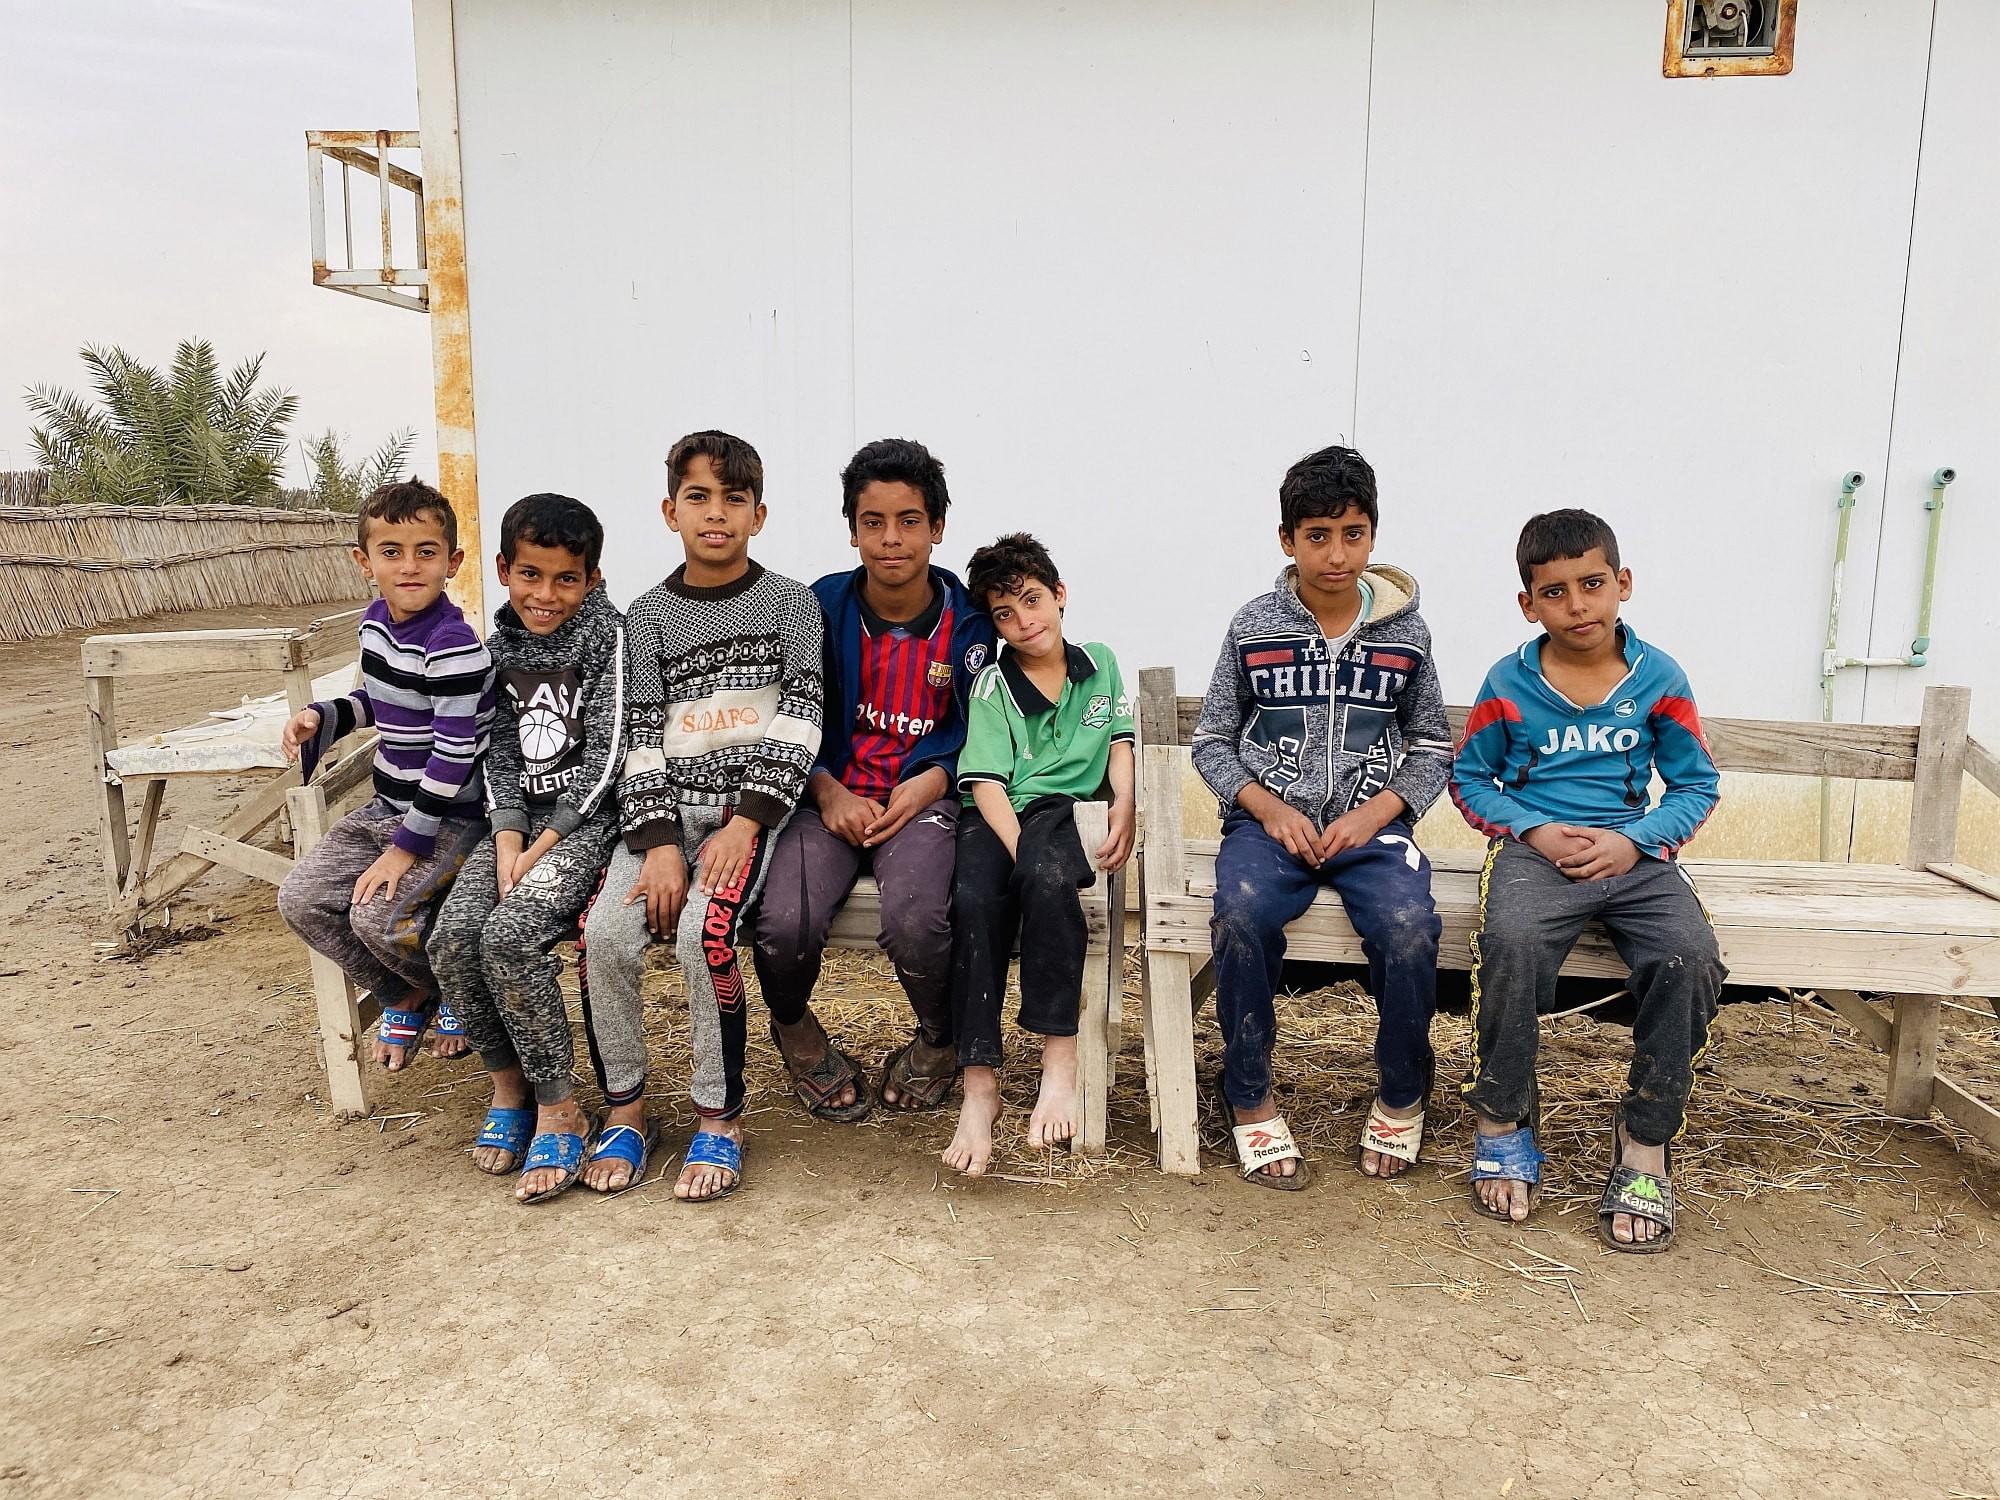 Irak_054_2000px